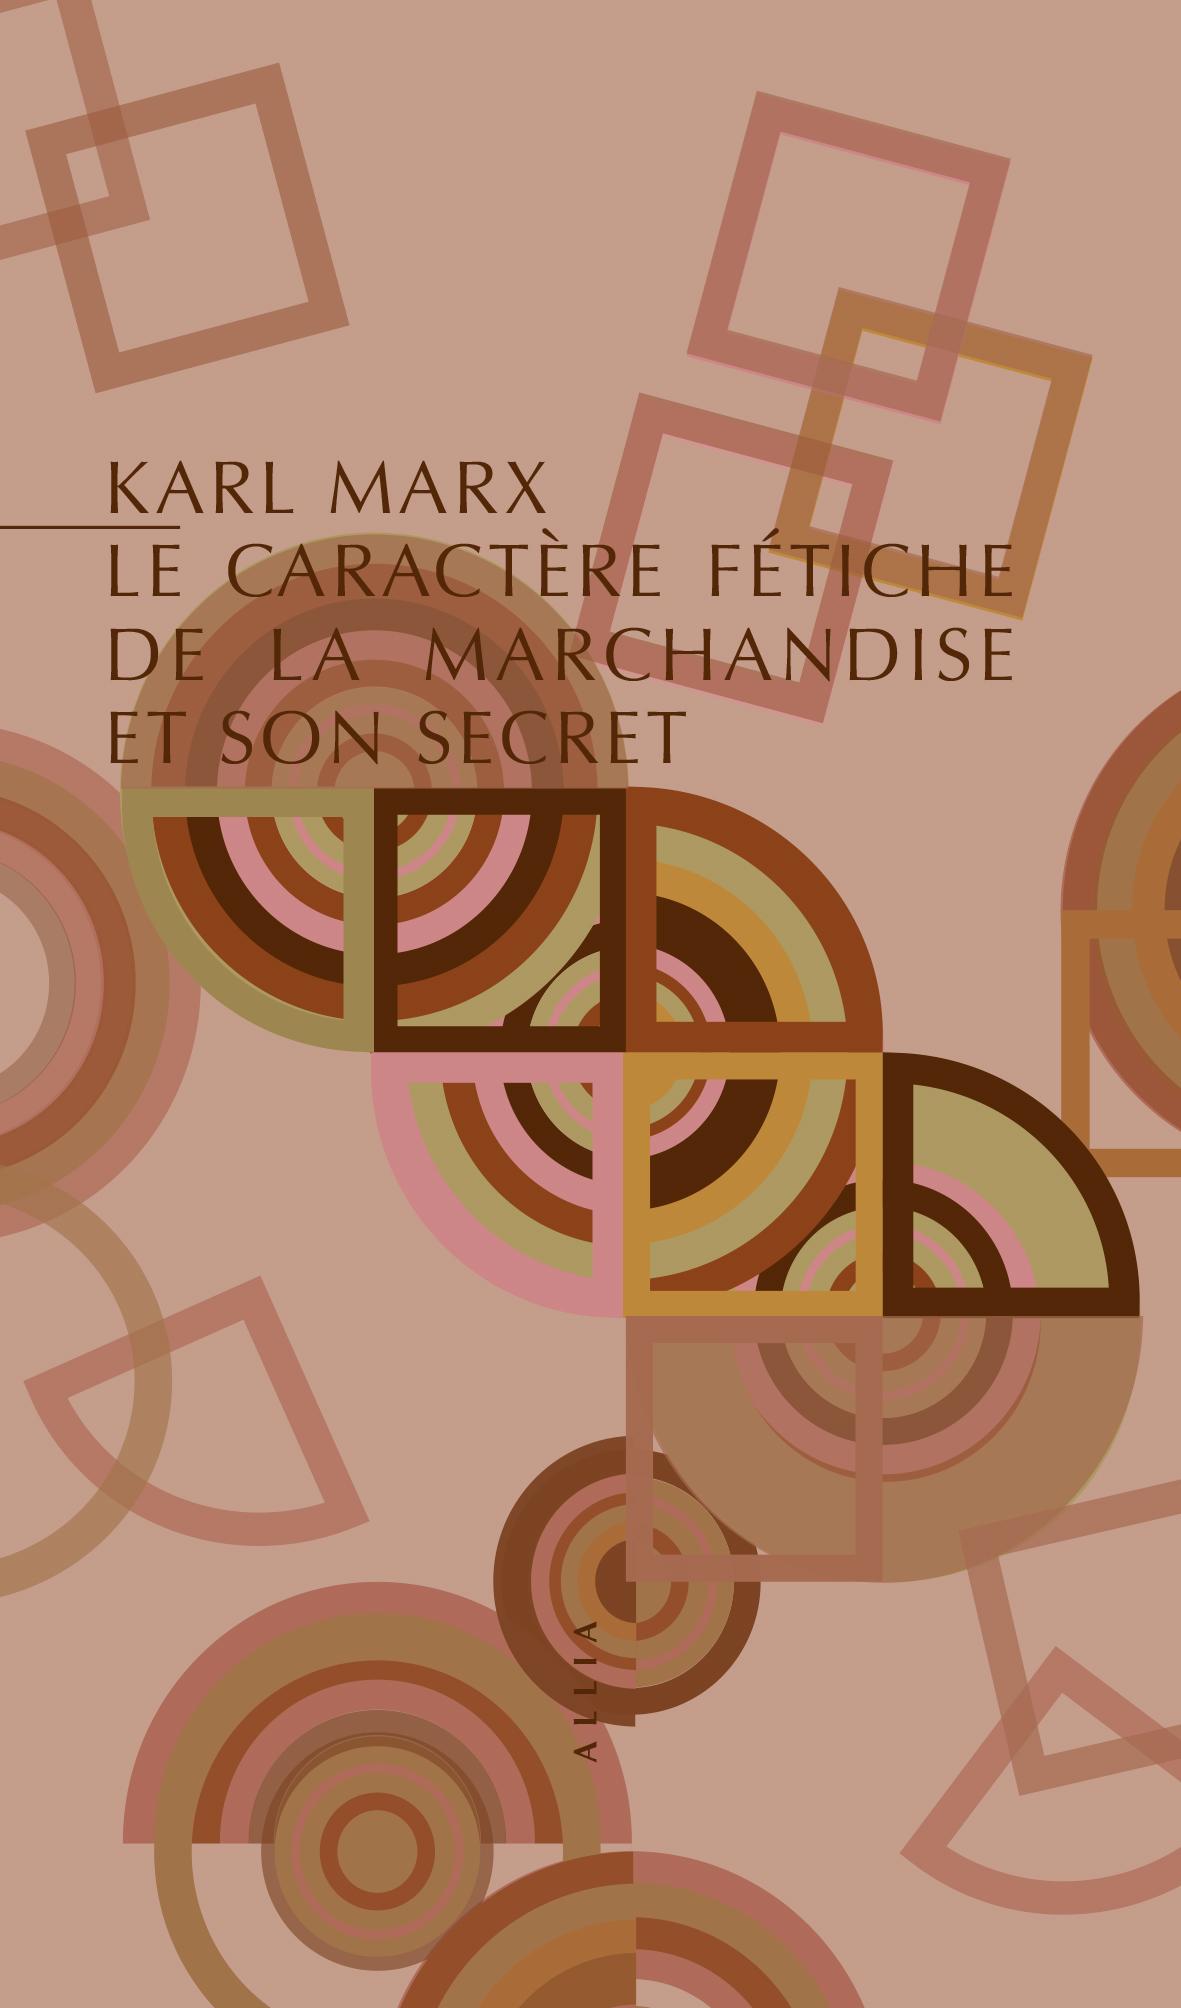 K. Marx, Le Caractère fétiche de la marchandise et son secret